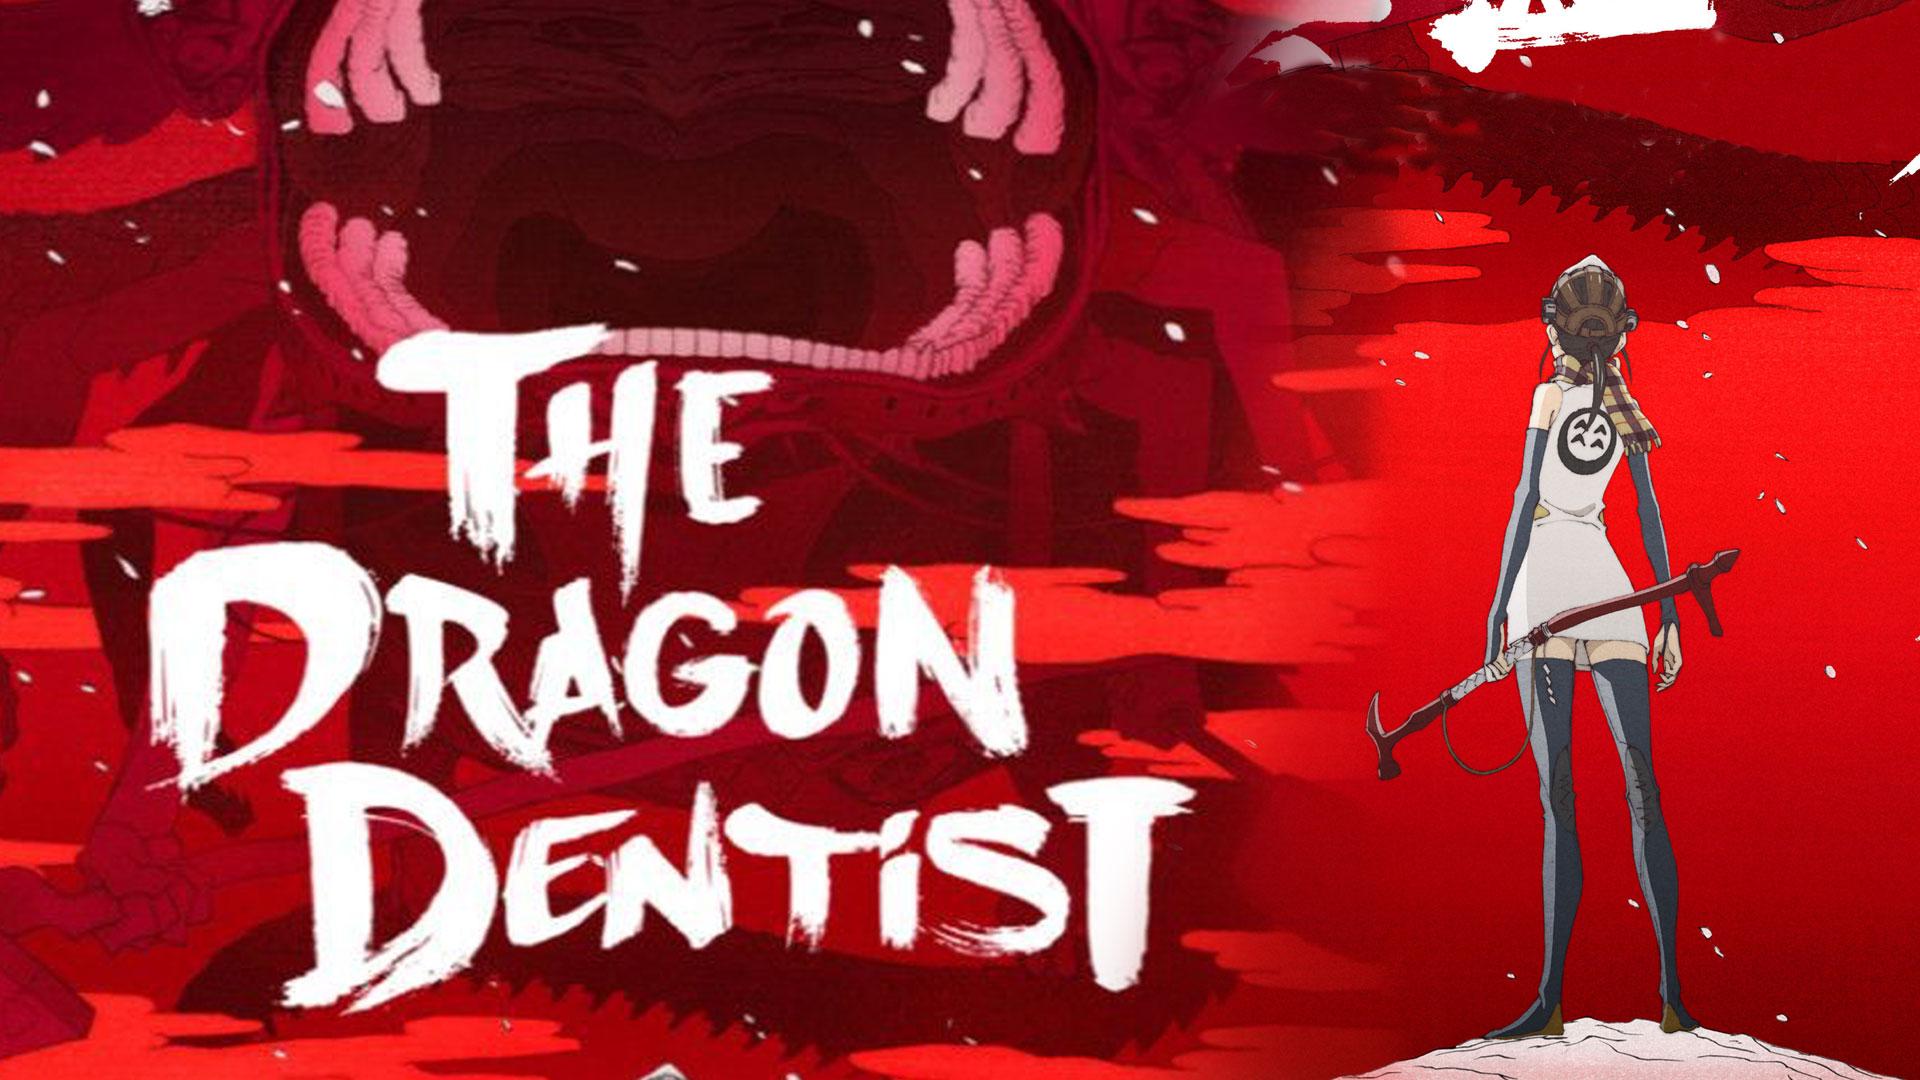 VV_The Dragon Dentist_banner.jpg